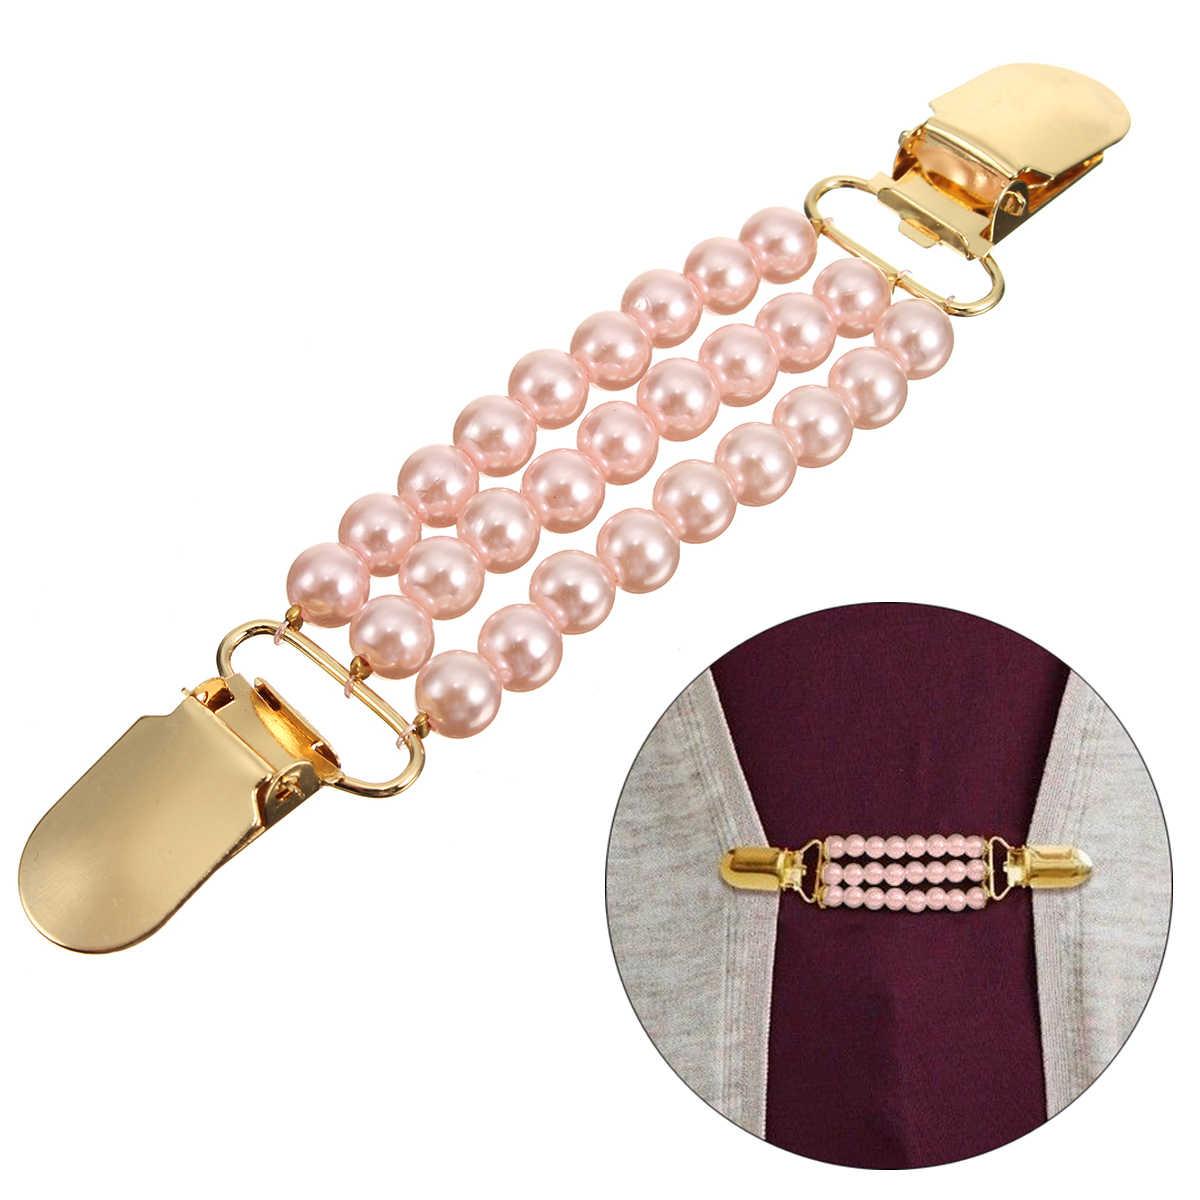 Утка Клипы кардиган клип Гибкая бисером Перл контактный брошь шаль-рубашка свитер воротник пряжки Для женщин Аксессуары для одежды